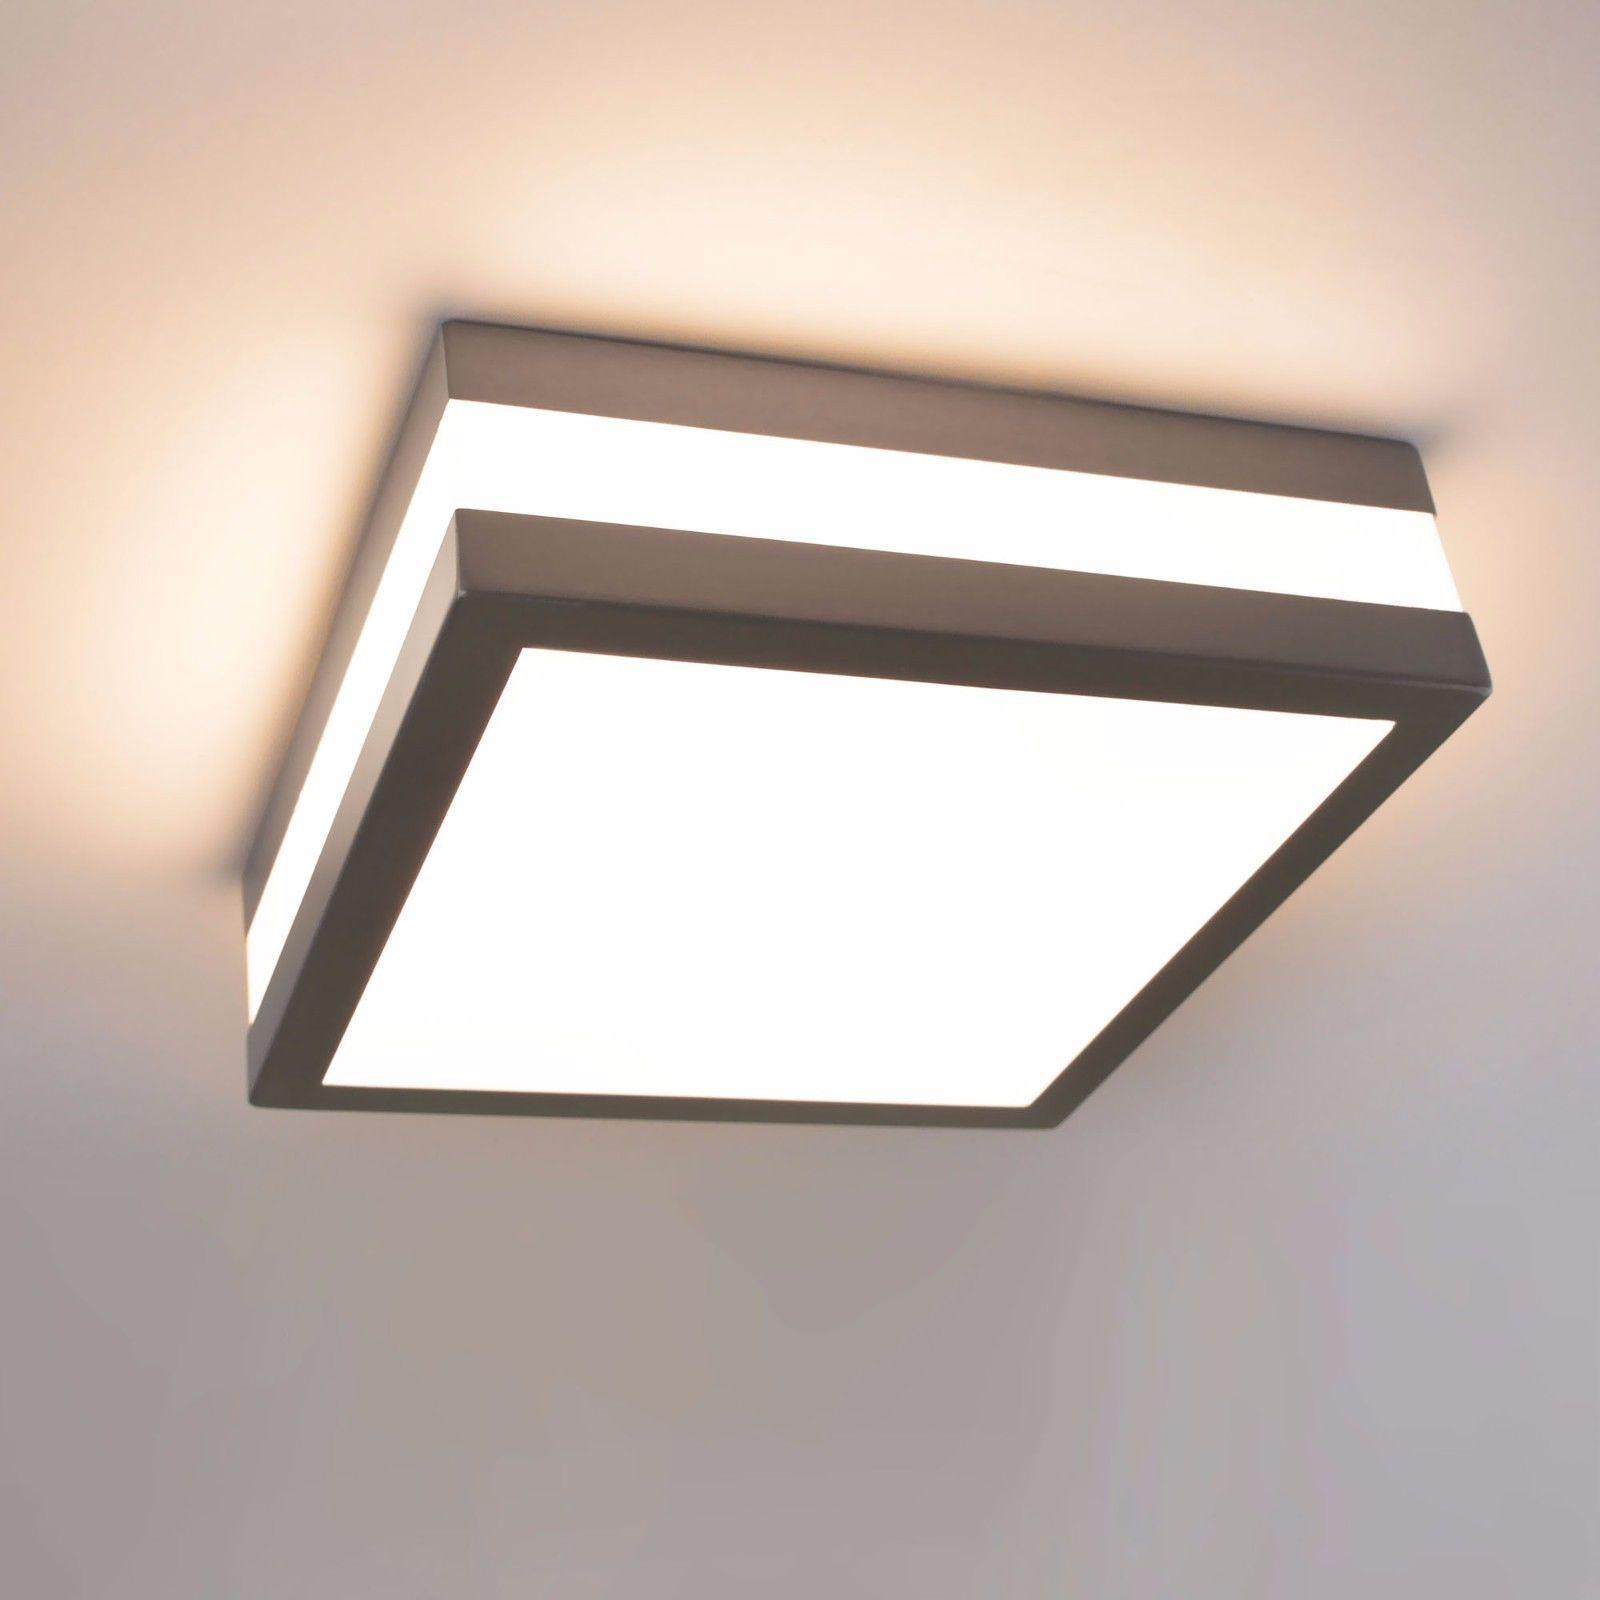 024b0fcaca5121af1cb3dbb0f3eec737 Stilvolle Lampen In Der Wand Dekorationen